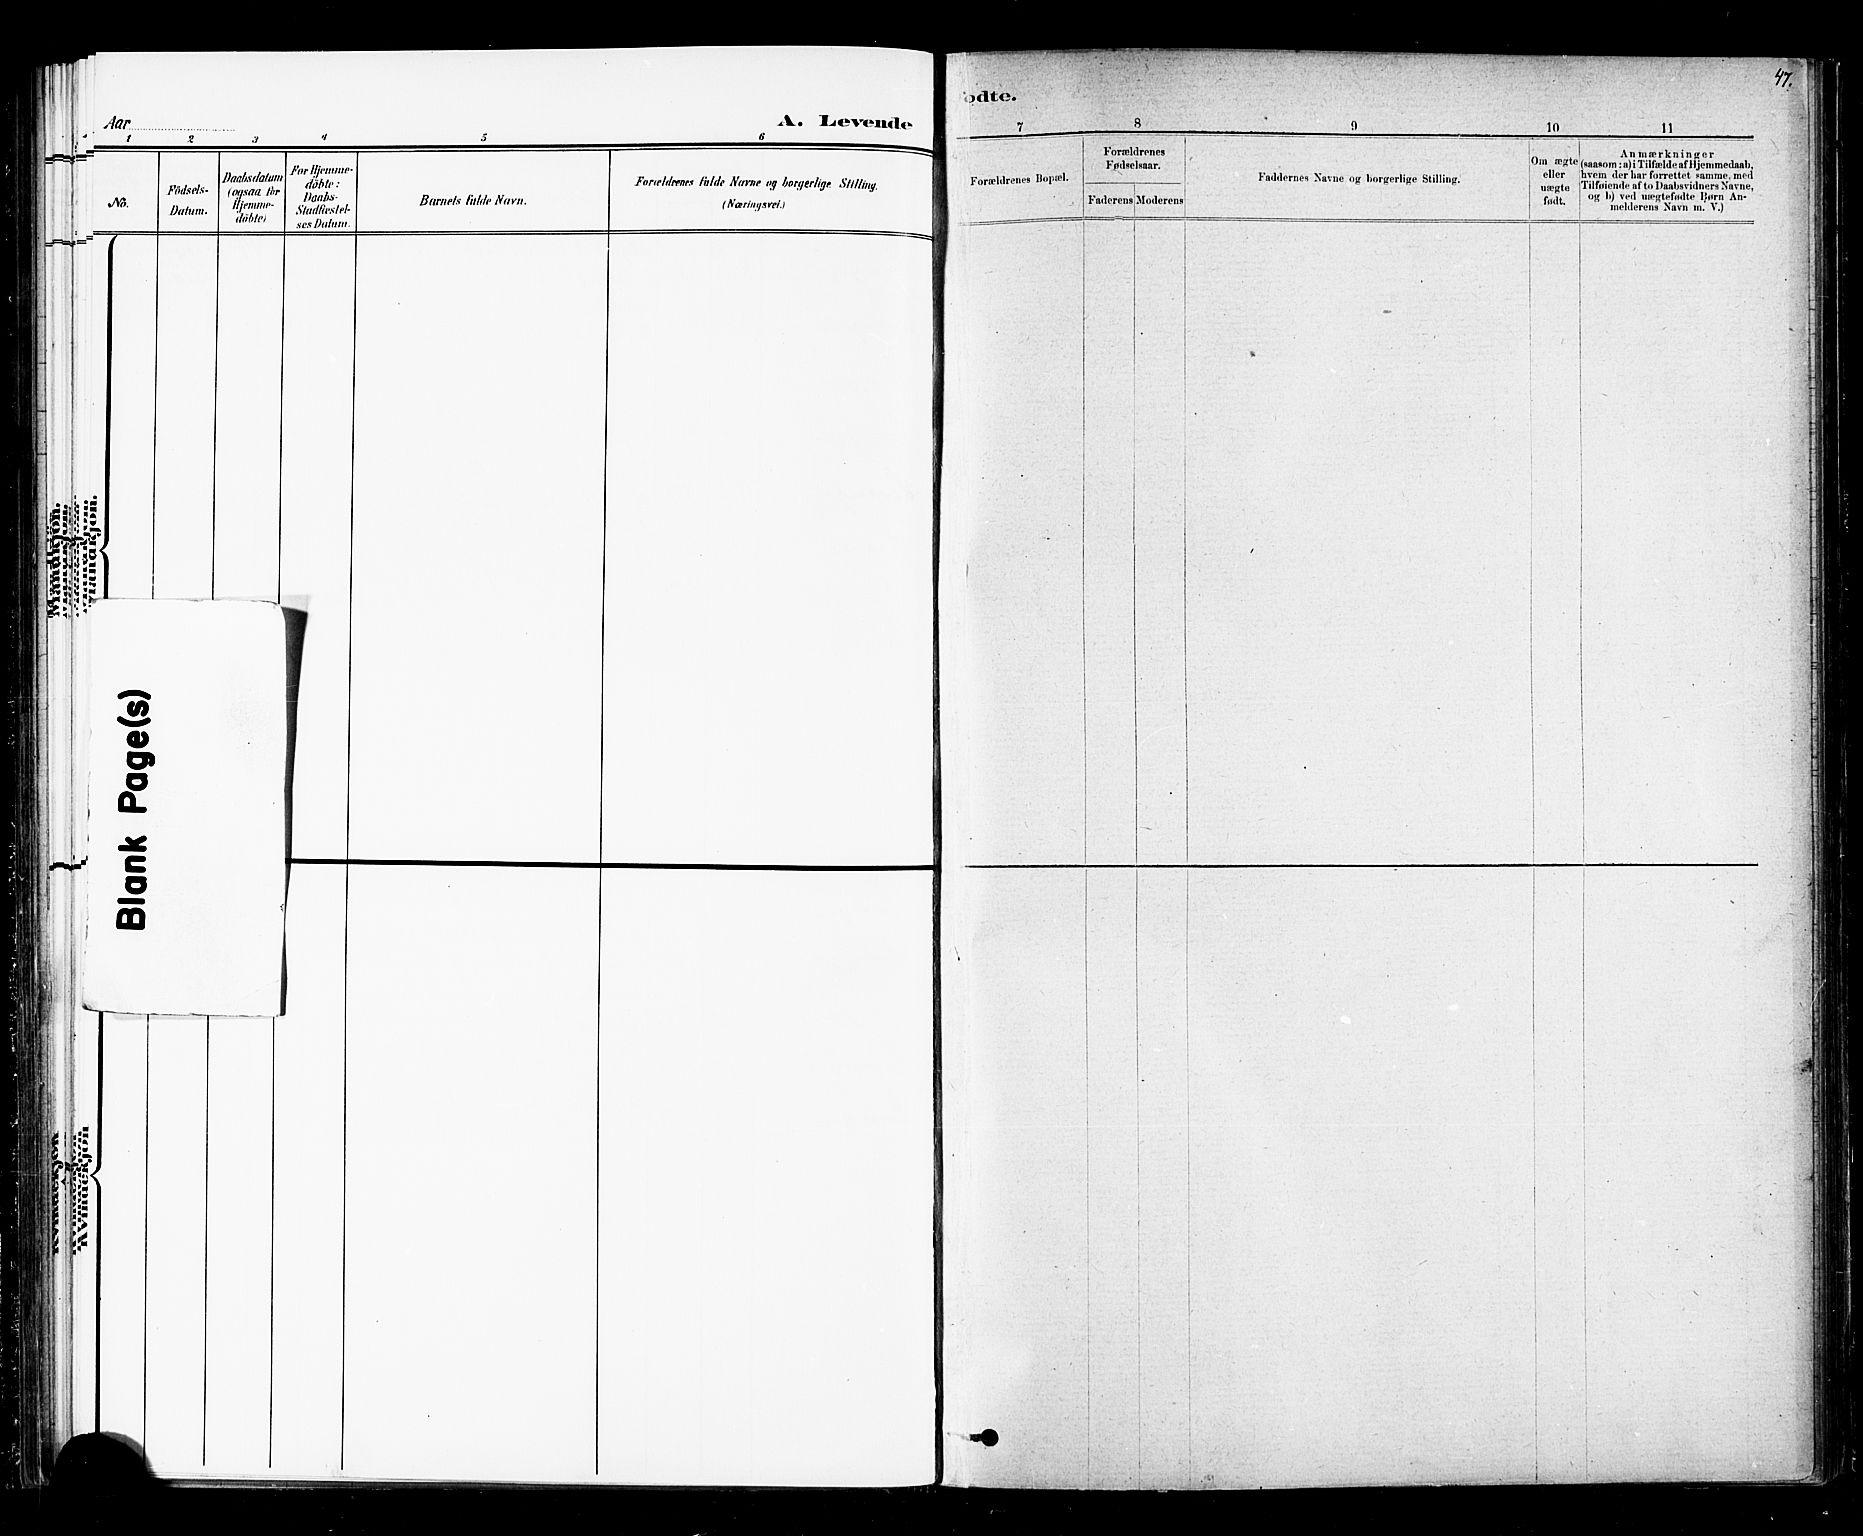 SAT, Ministerialprotokoller, klokkerbøker og fødselsregistre - Nord-Trøndelag, 720/L0192: Klokkerbok nr. 720C01, 1880-1917, s. 47